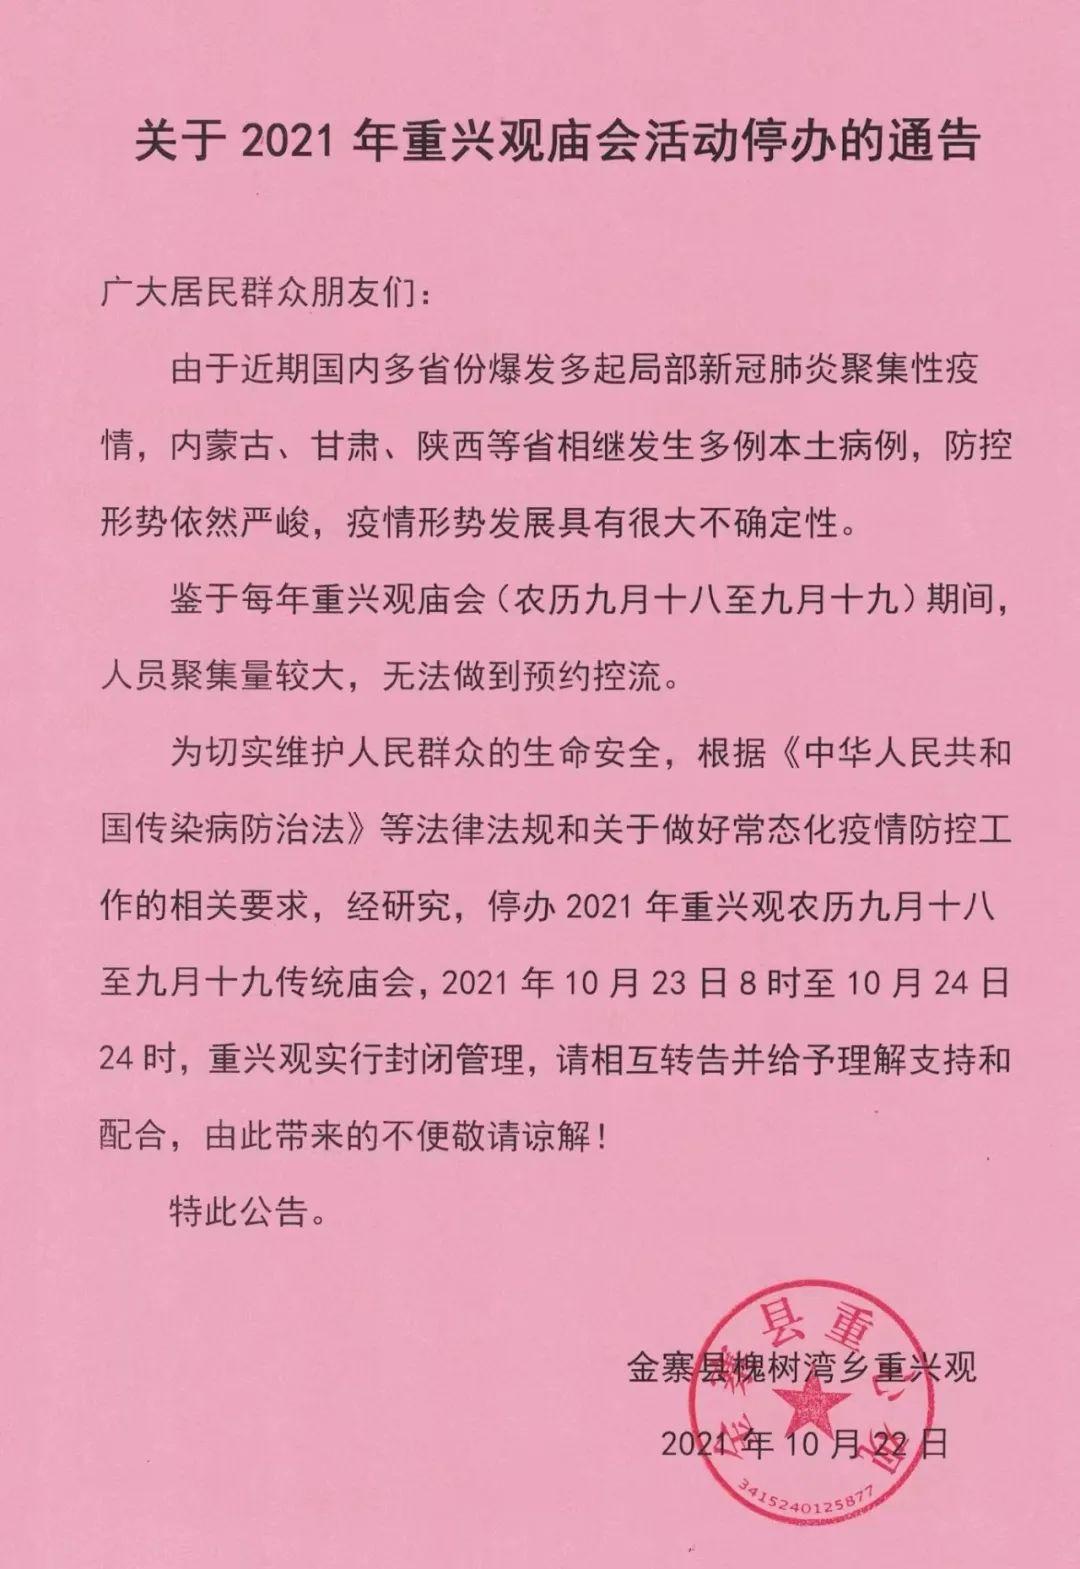 金寨这个乡镇发布了庙会停办最新通告!